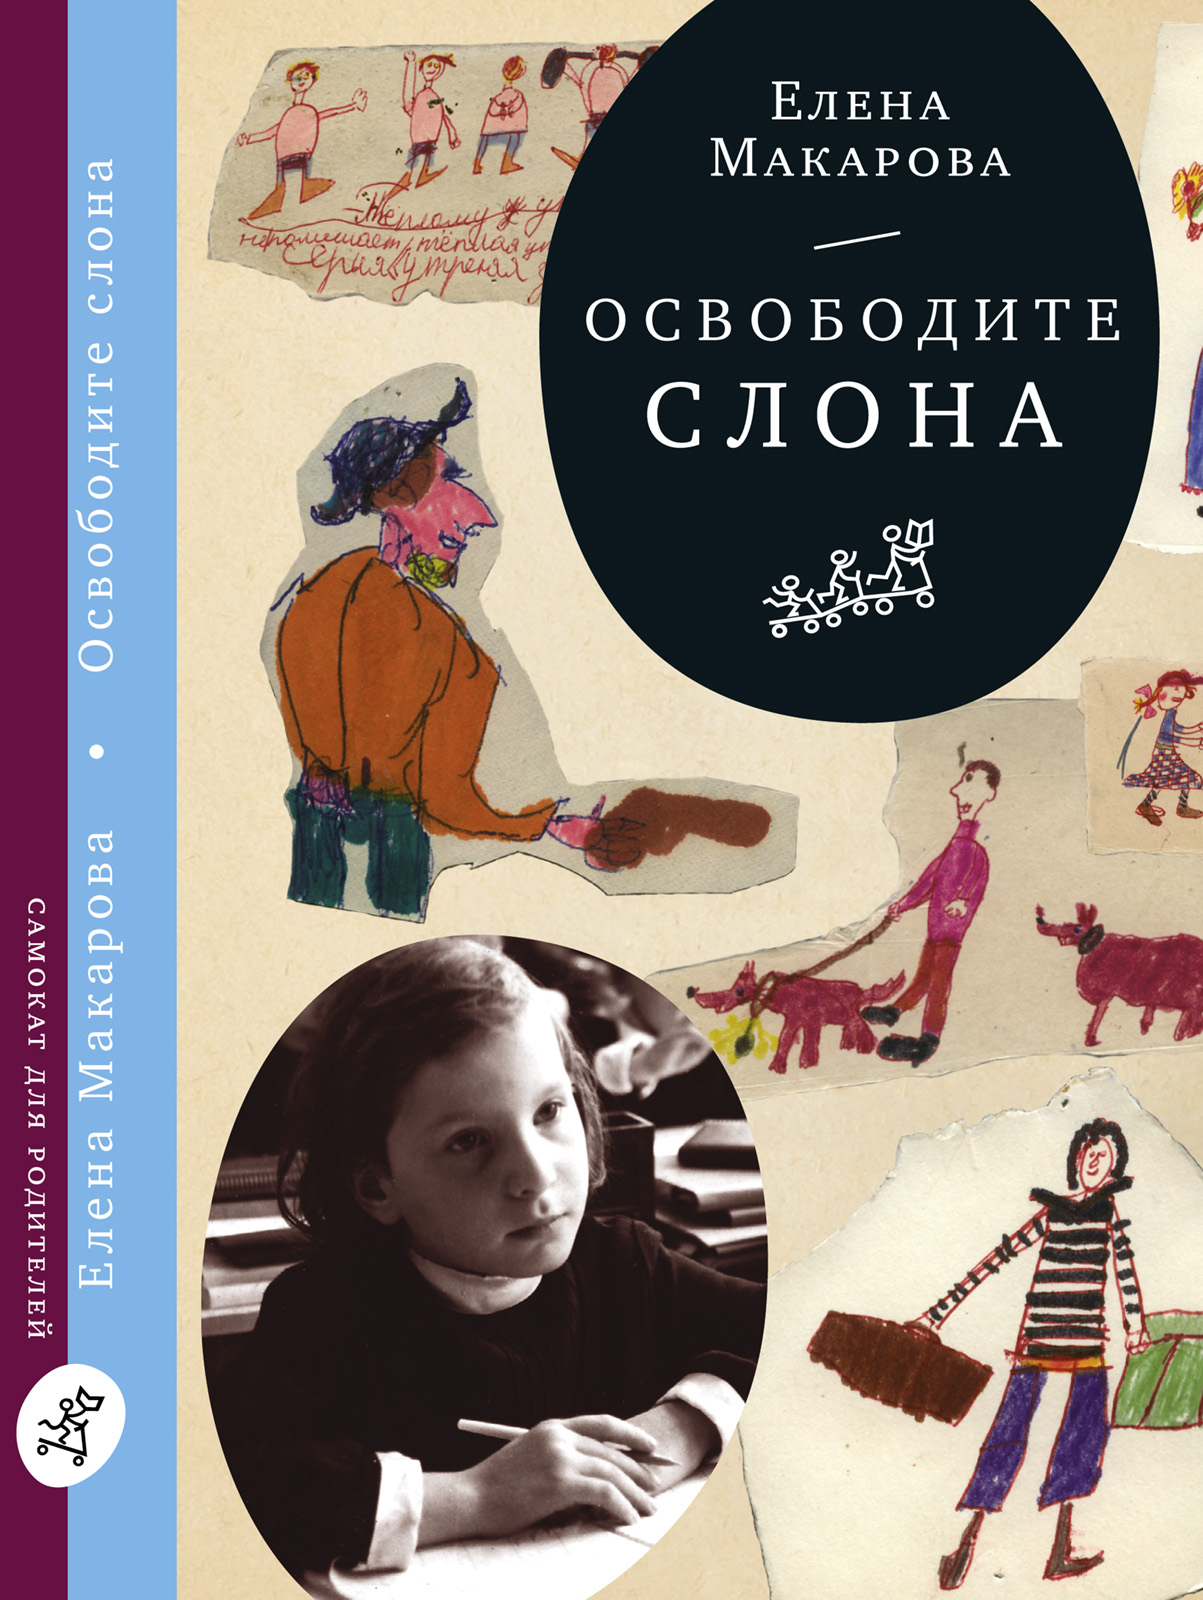 Елена Макарова Освободите слона и в пыхалов русский историк в с брачев жизнь творчество